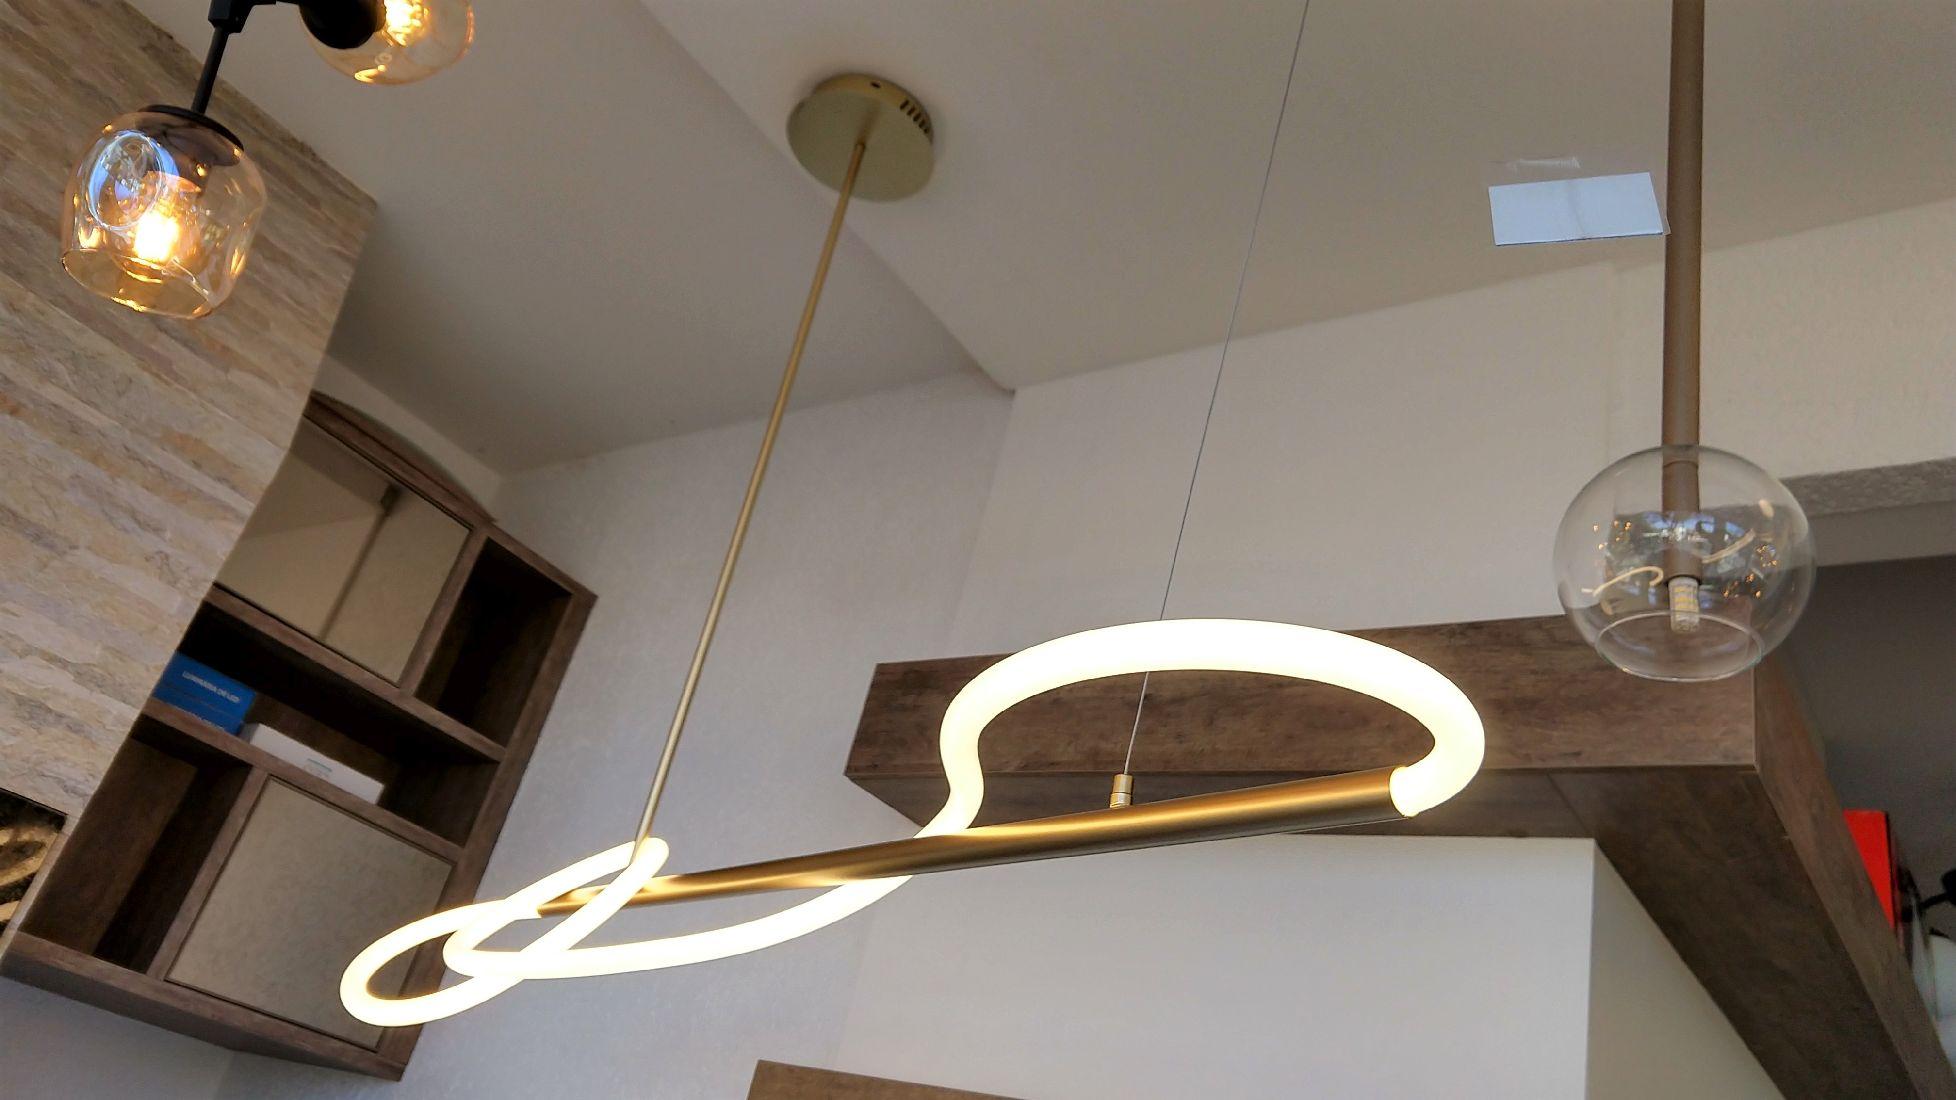 Pendente Led Moderno Dourado Mesa Bancada Balcão Sala Quarto